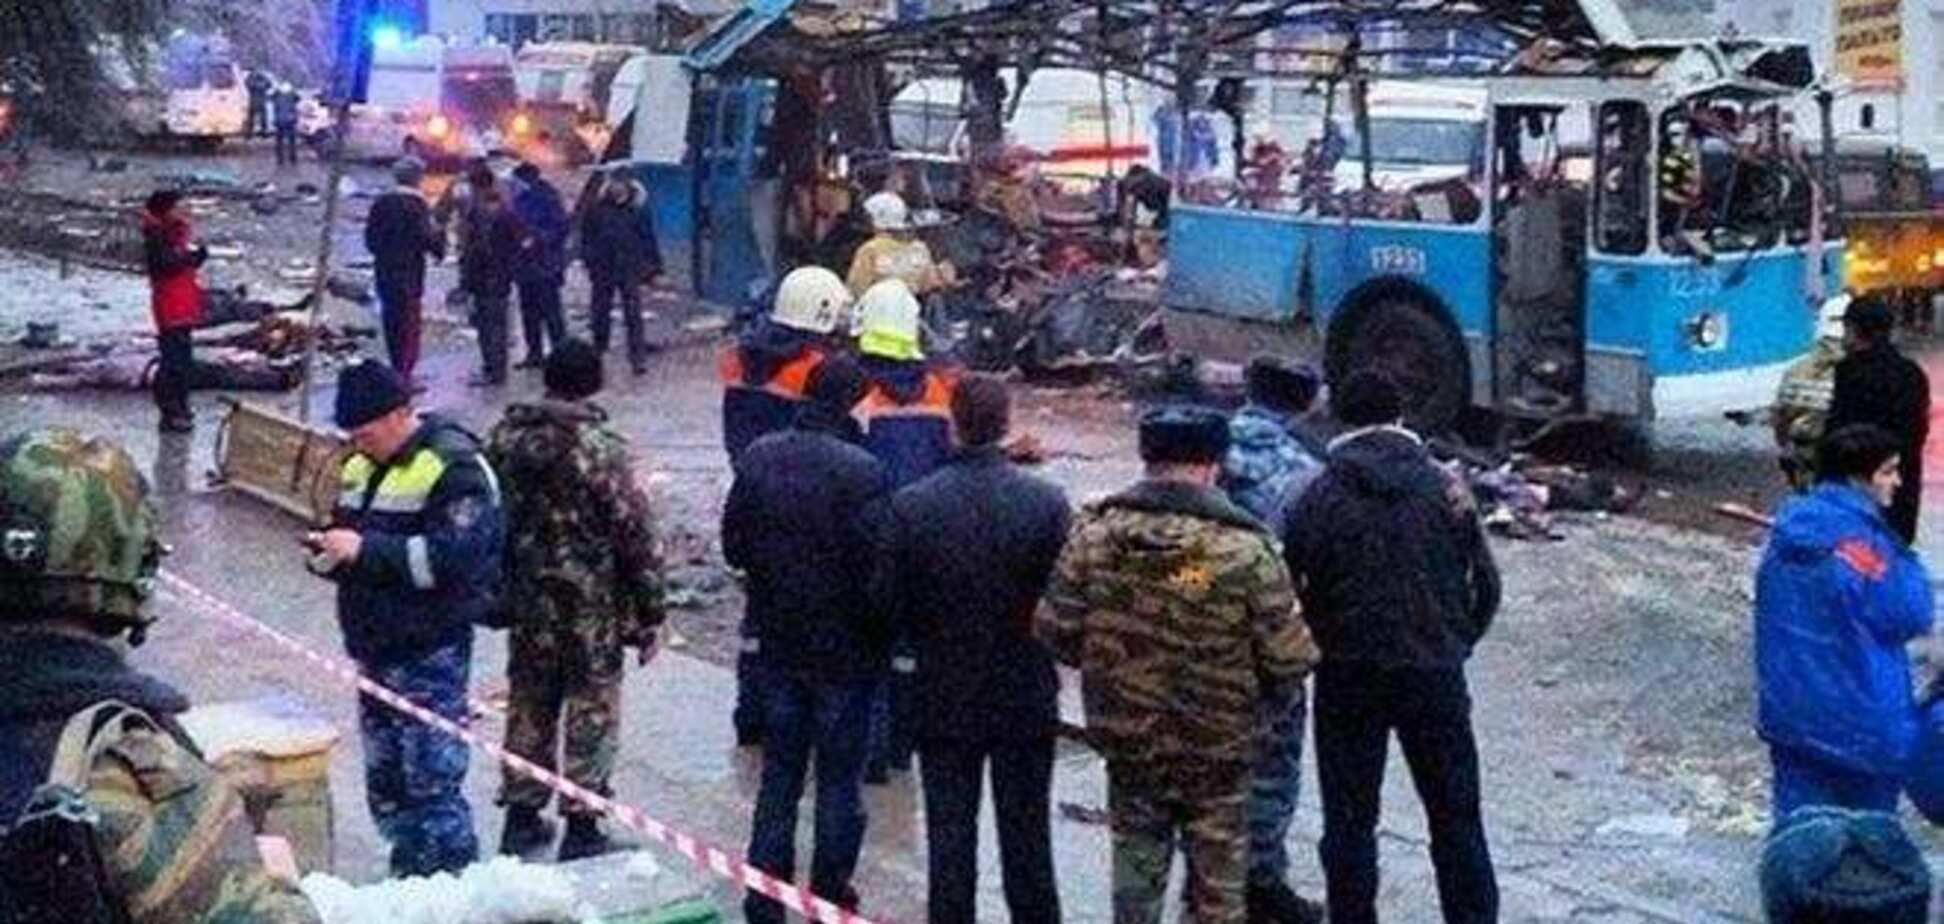 Следком РФ возбудил два дела по взрыву в троллейбусе в Волгограде